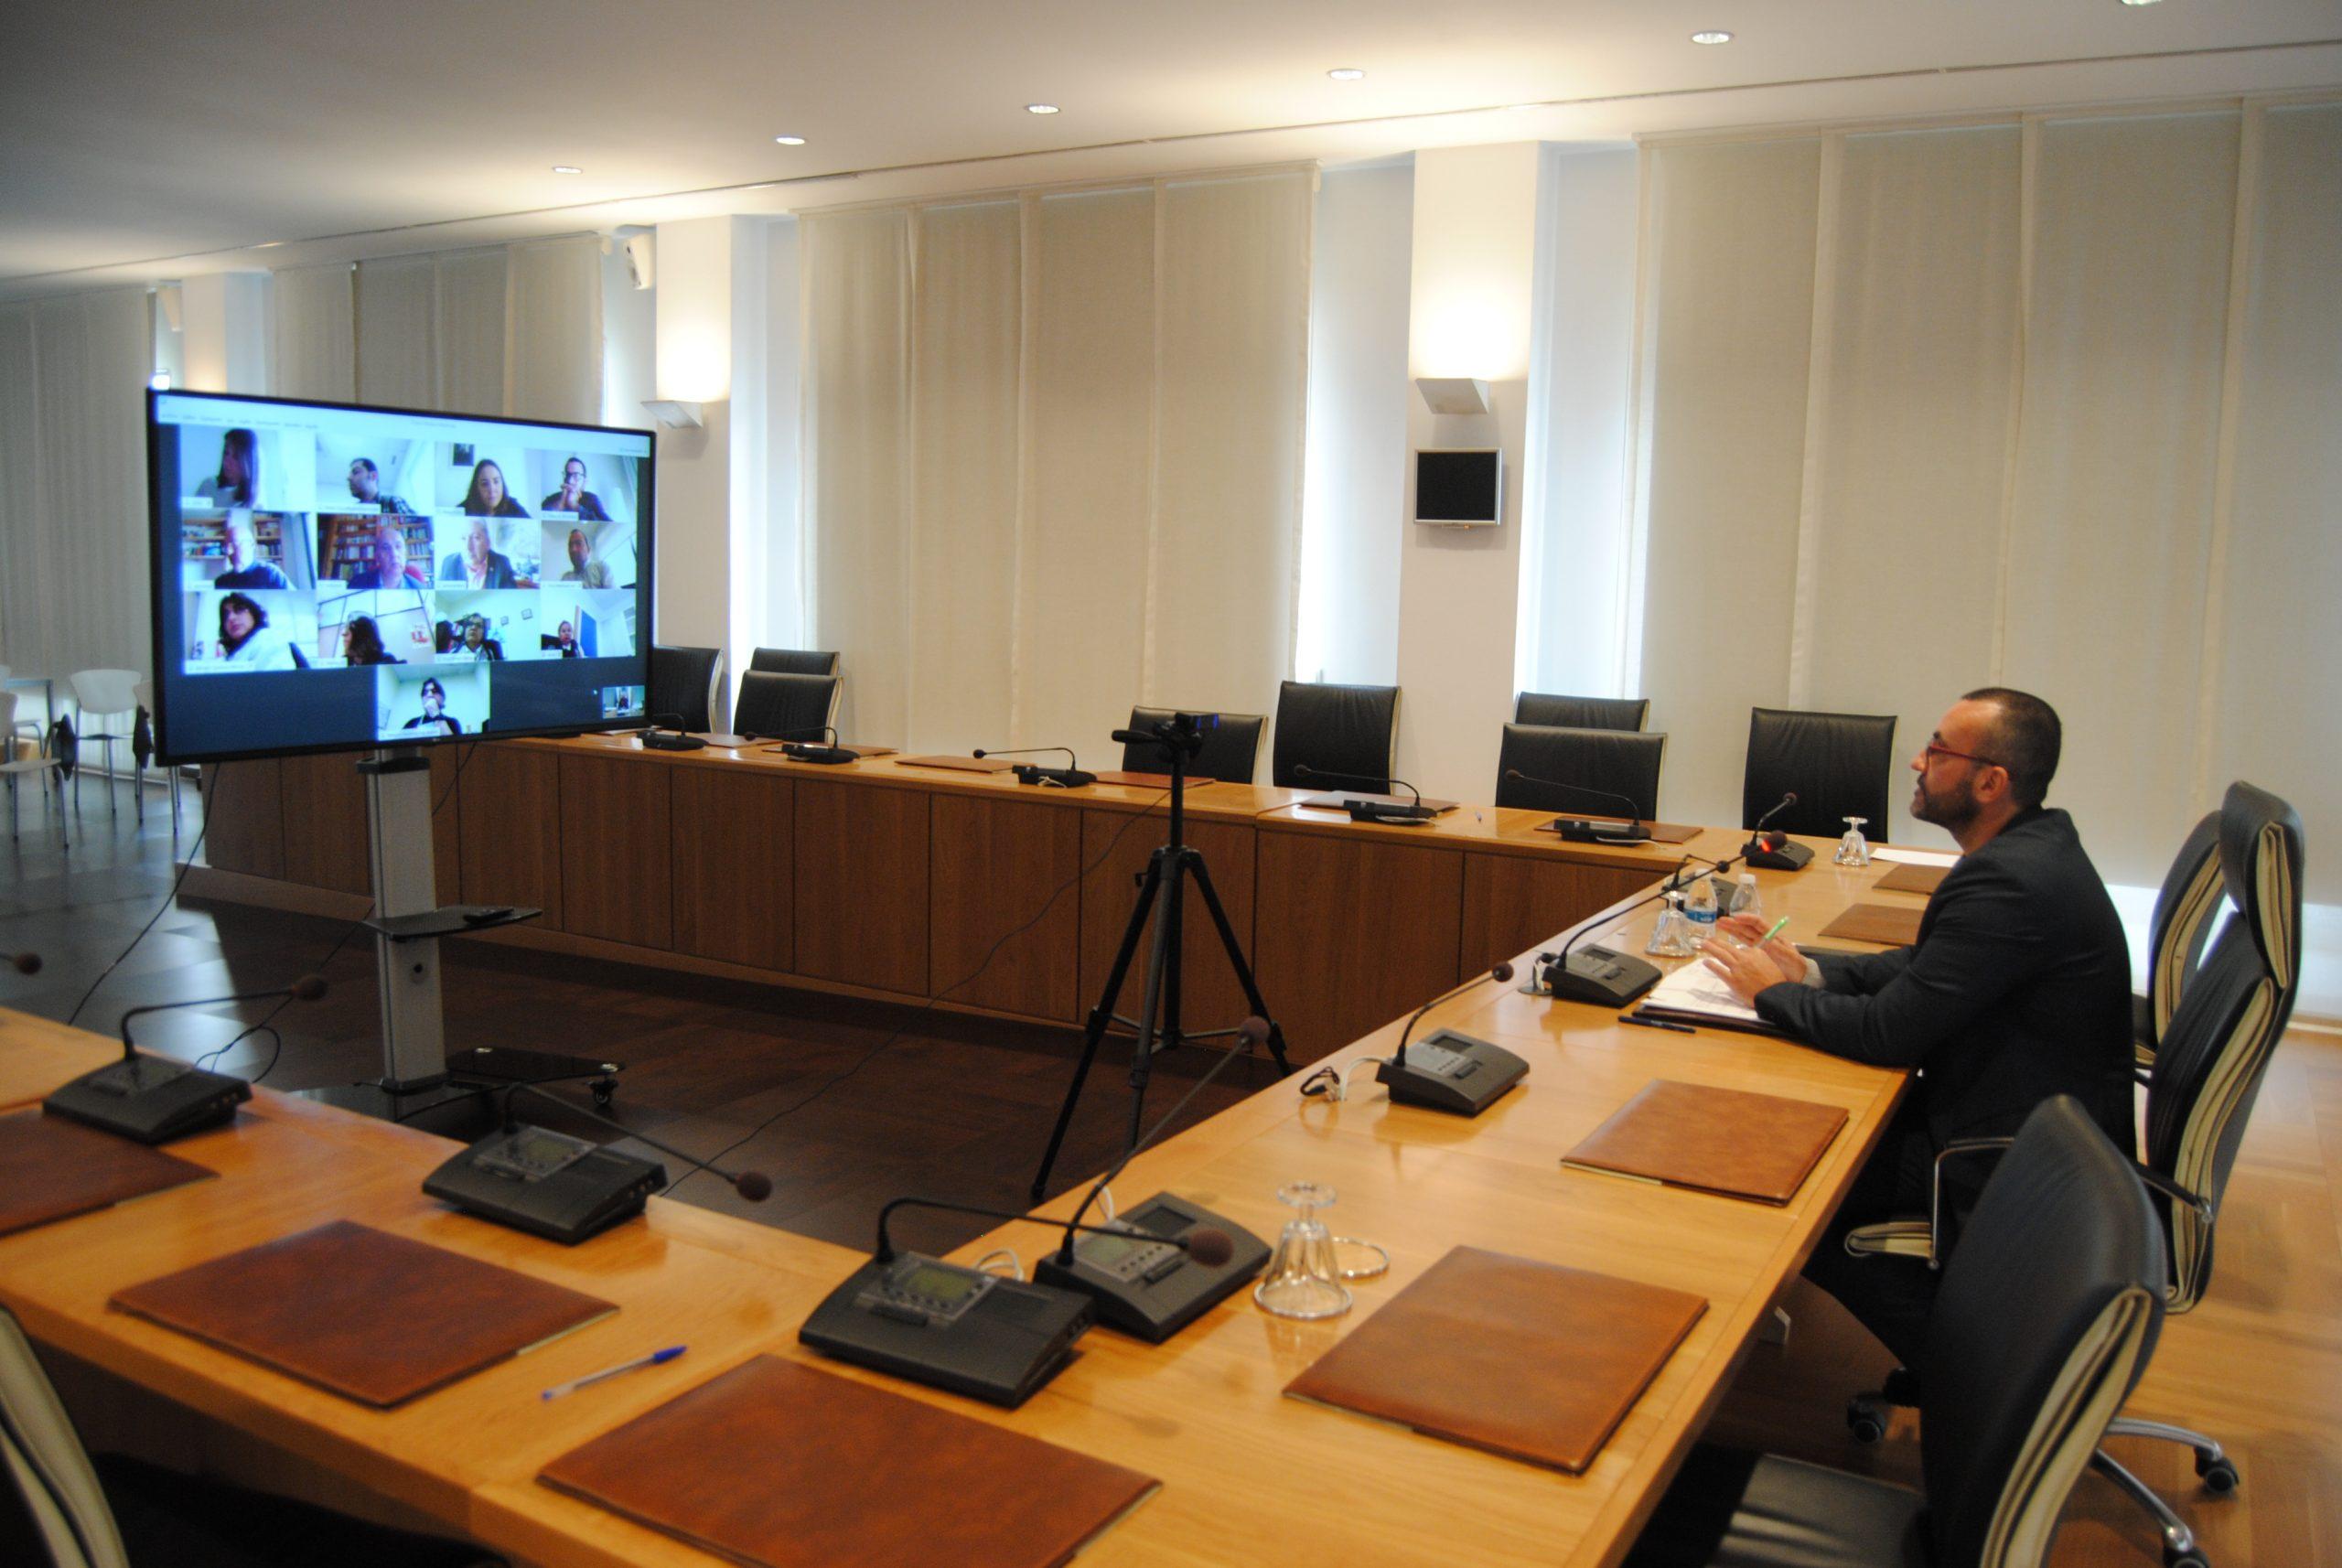 La alianza tecnológica con Telefónica permite al Ayuntamiento de Vila-real disponer de forma gratuita de una plataforma para videoconferencias